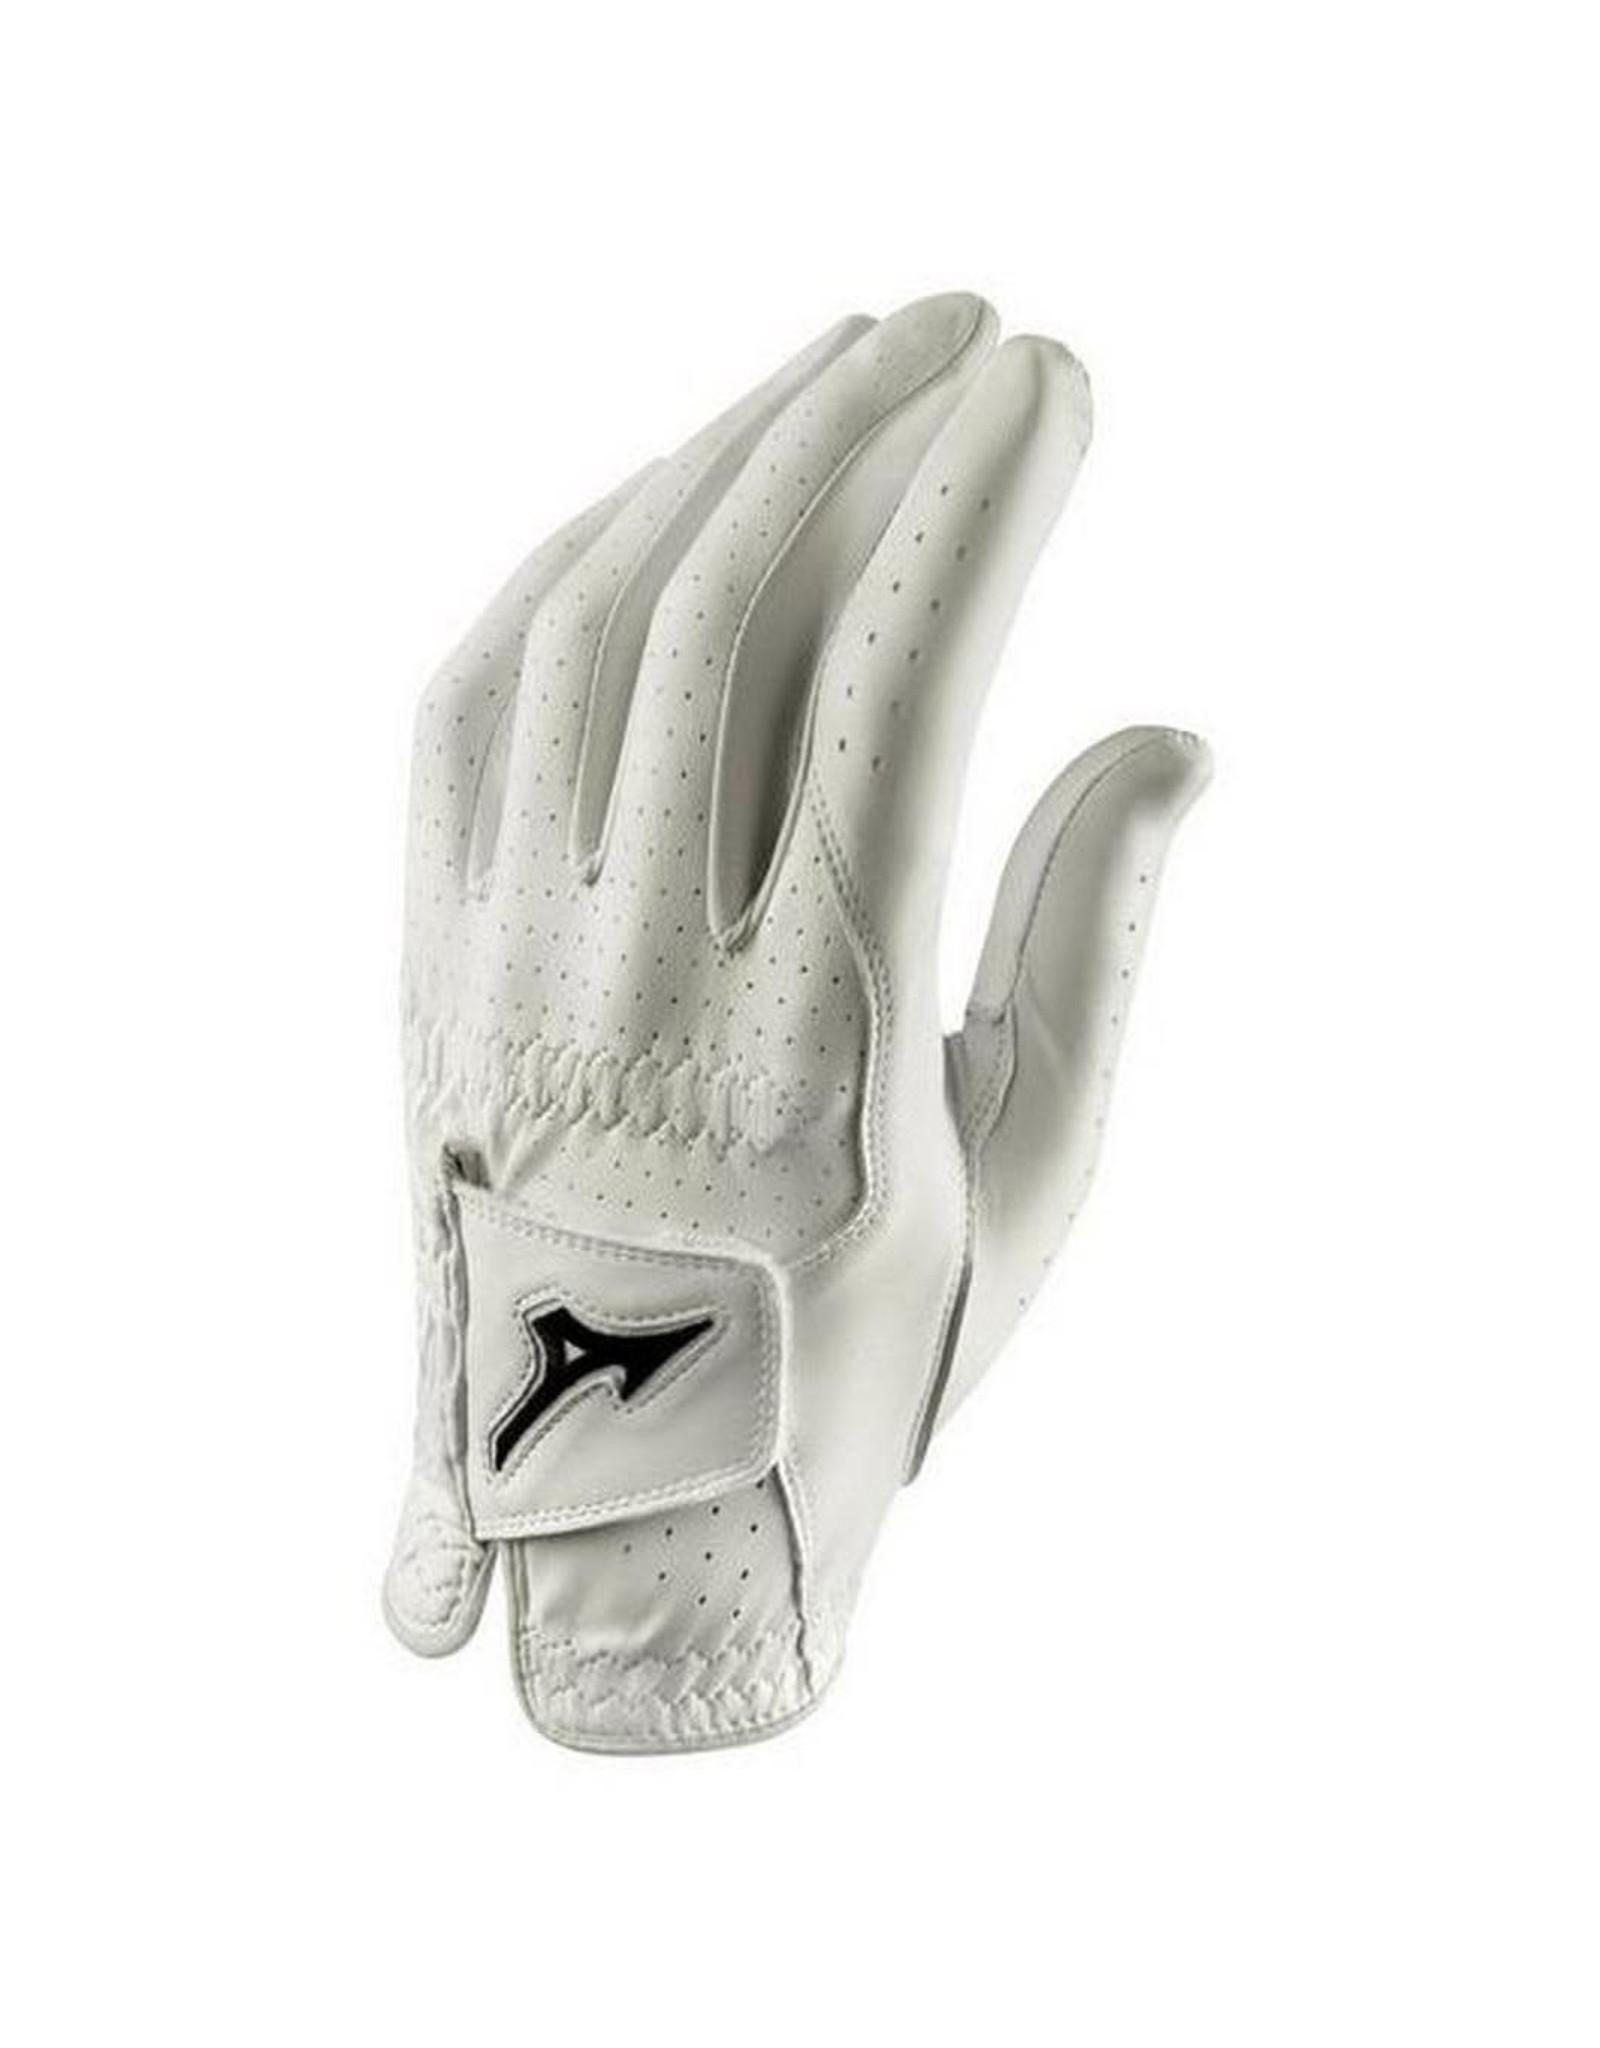 Mizuno Mizuno Tour White Glove